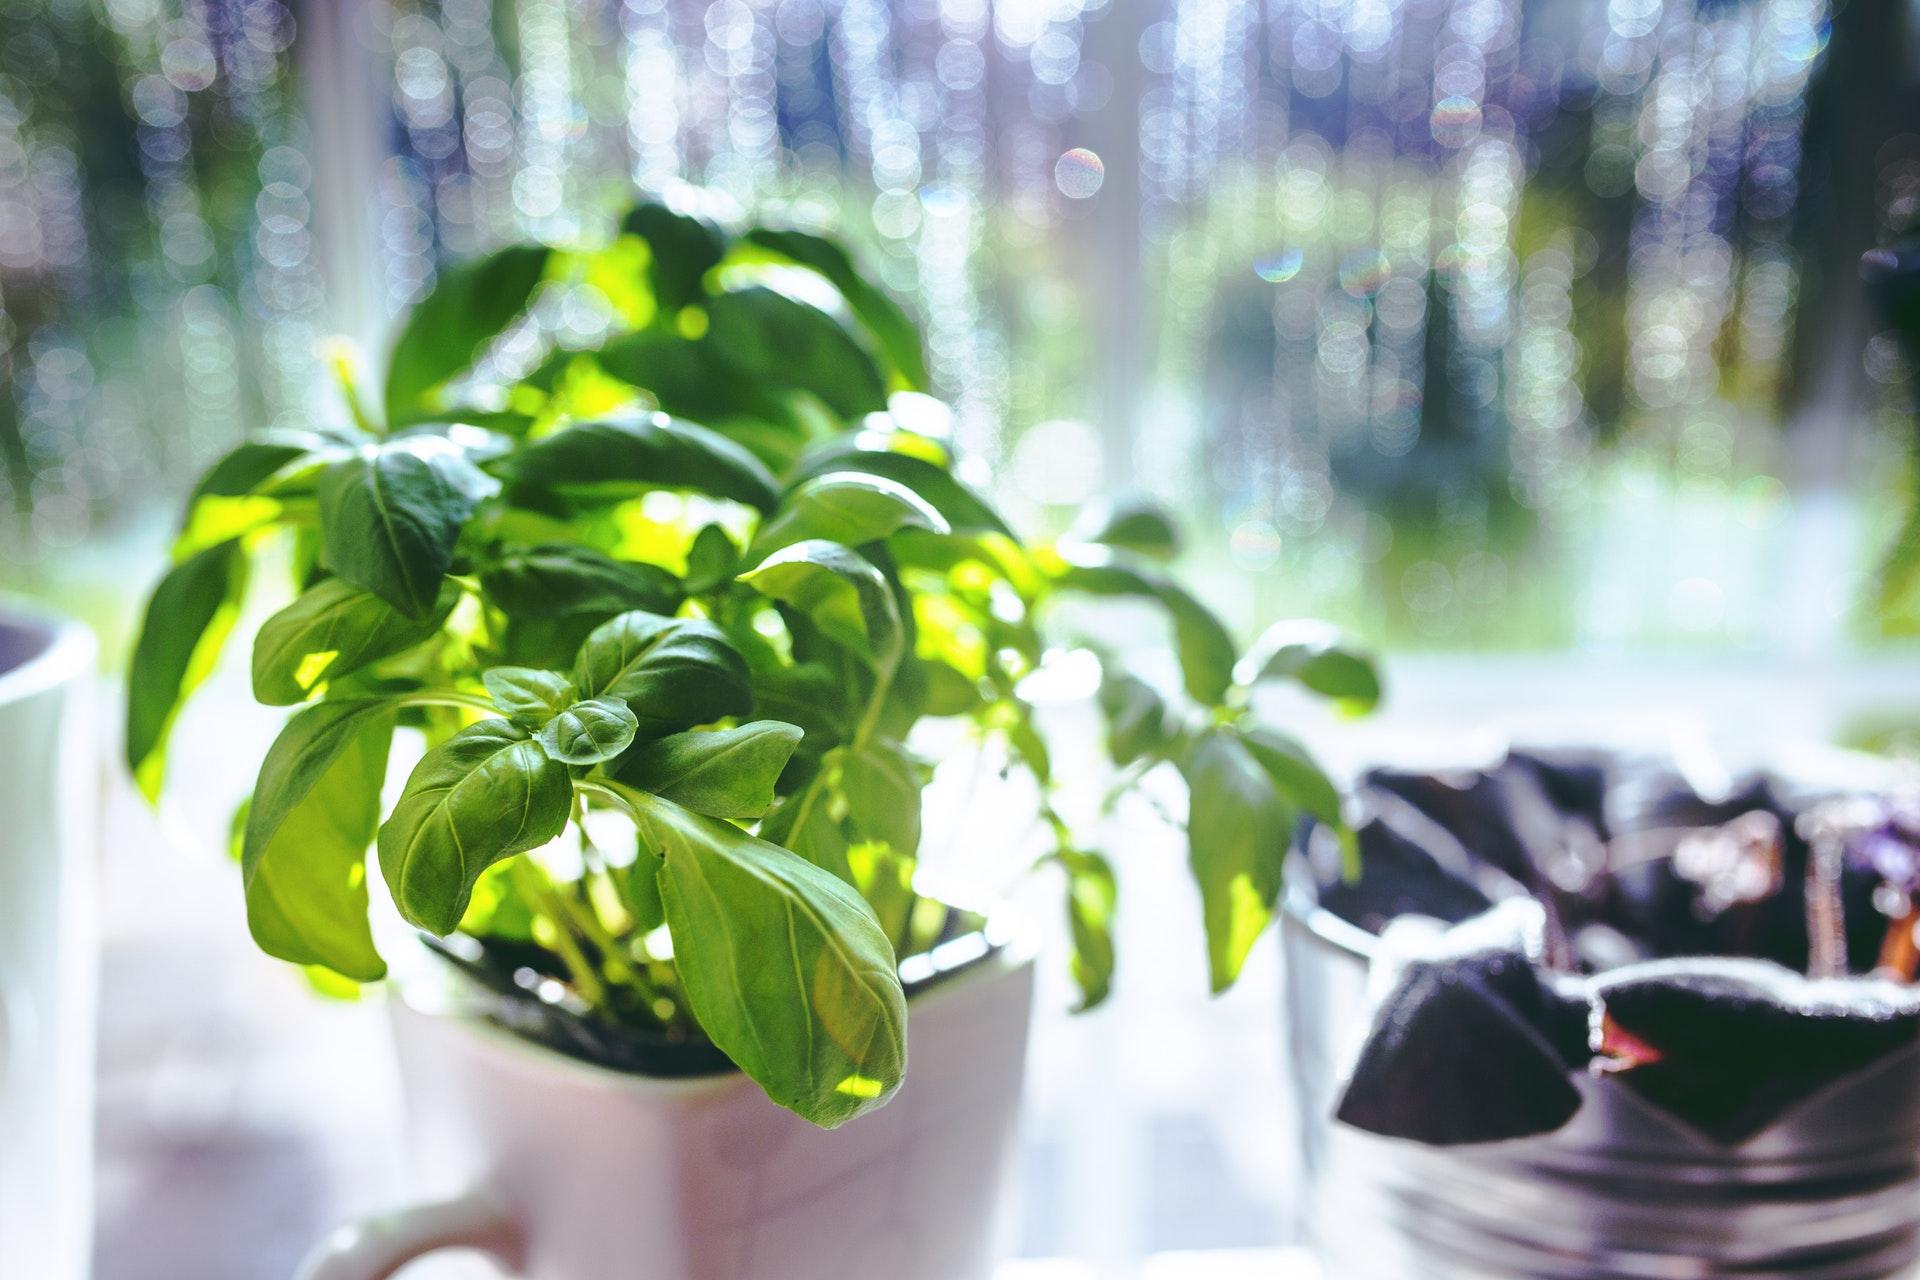 Grădină de mirodenii în apartament - busuioc în ghiveci